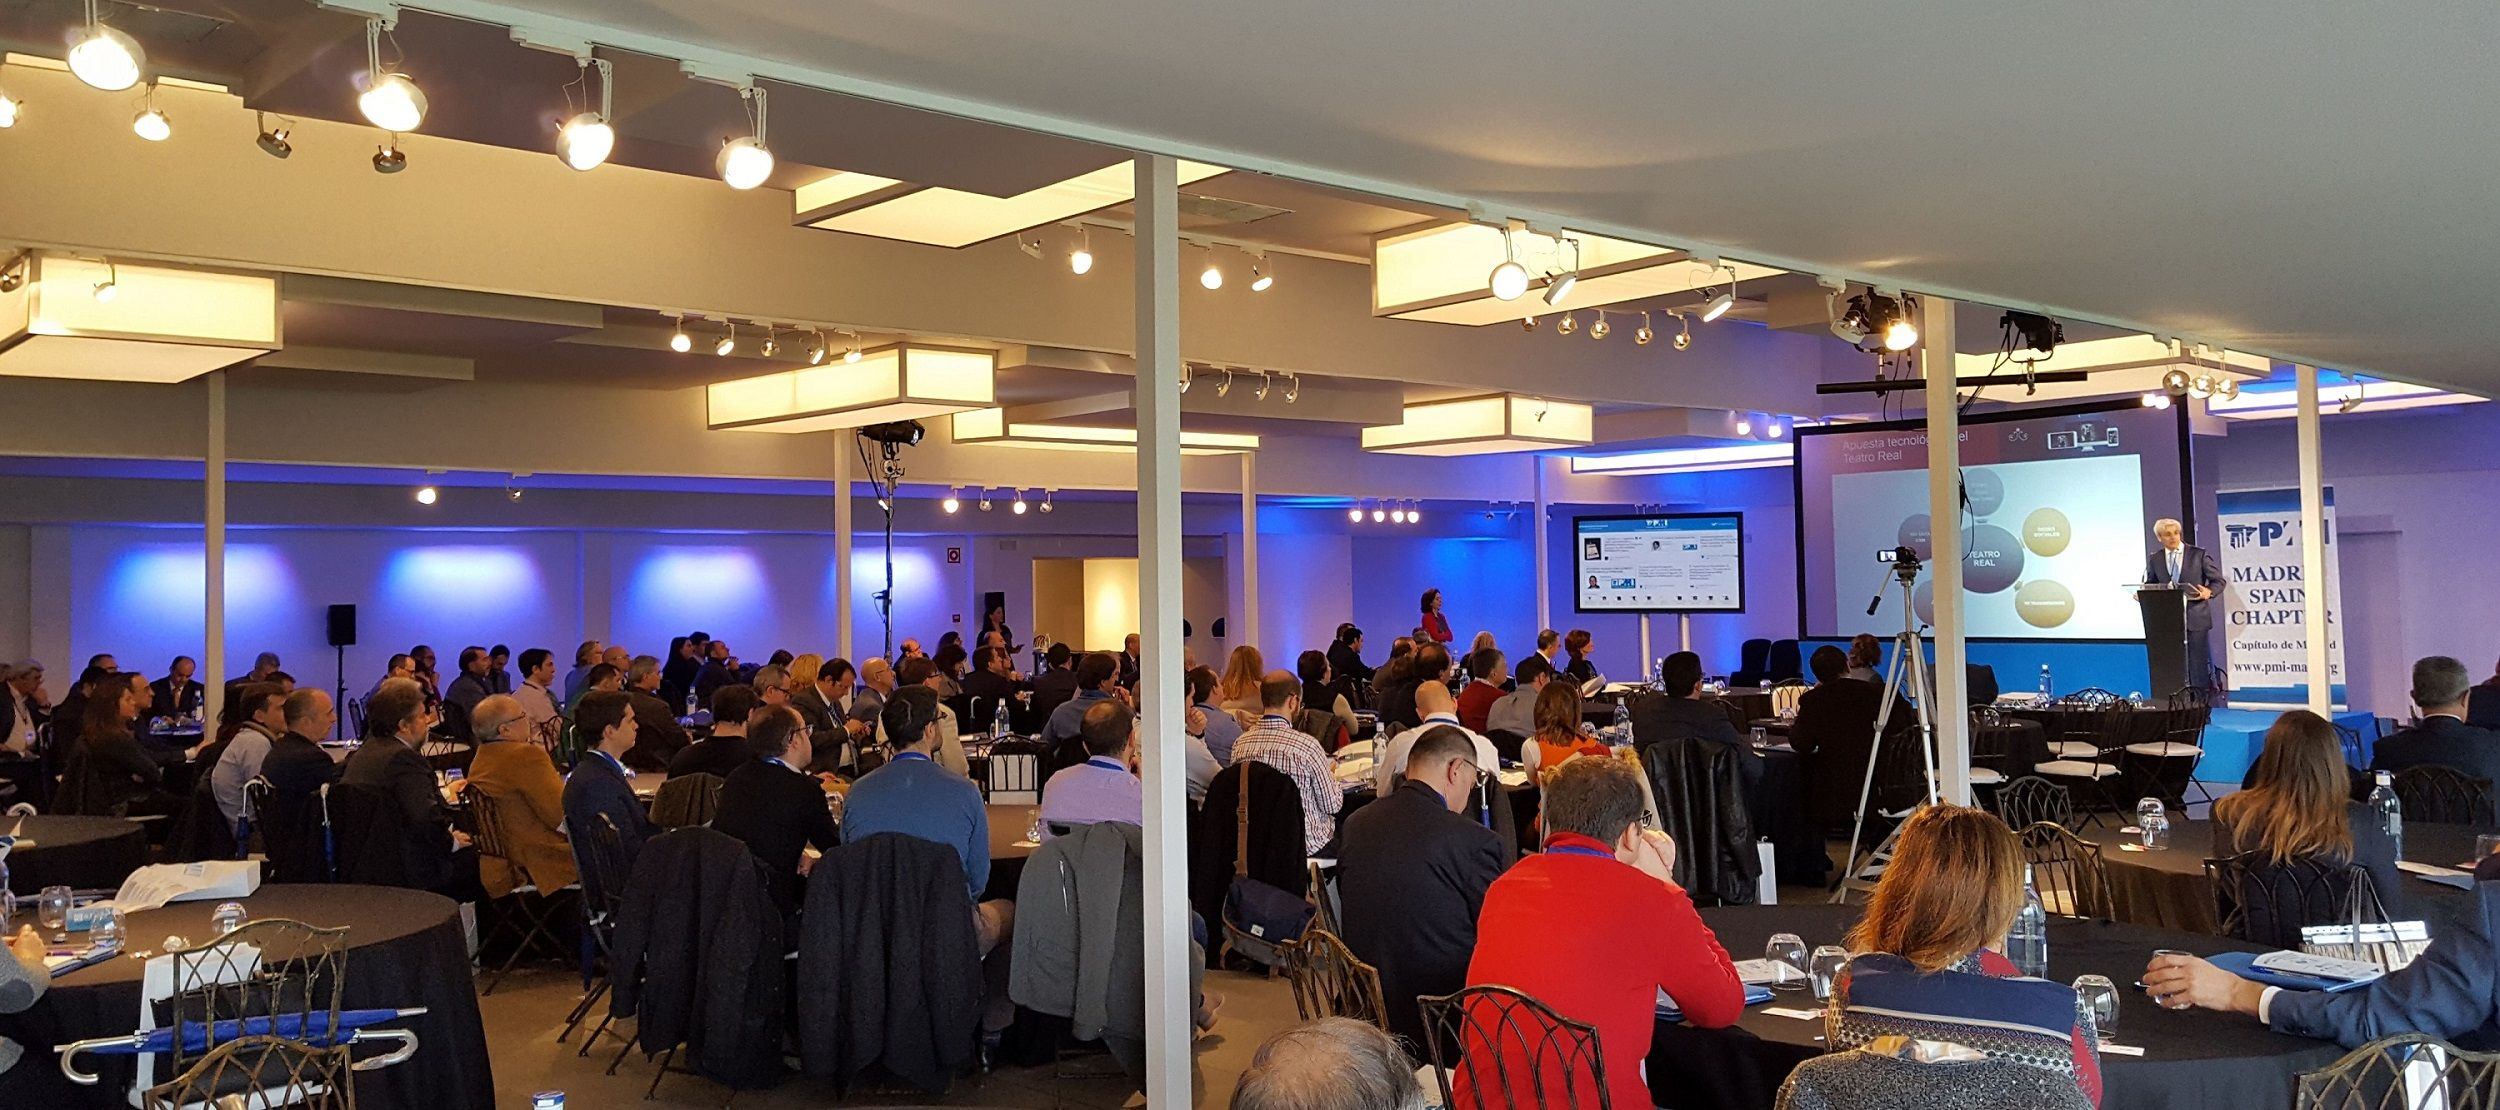 El project management se viste de fiesta en el XIII Congreso Anual de Directores de Proyectos